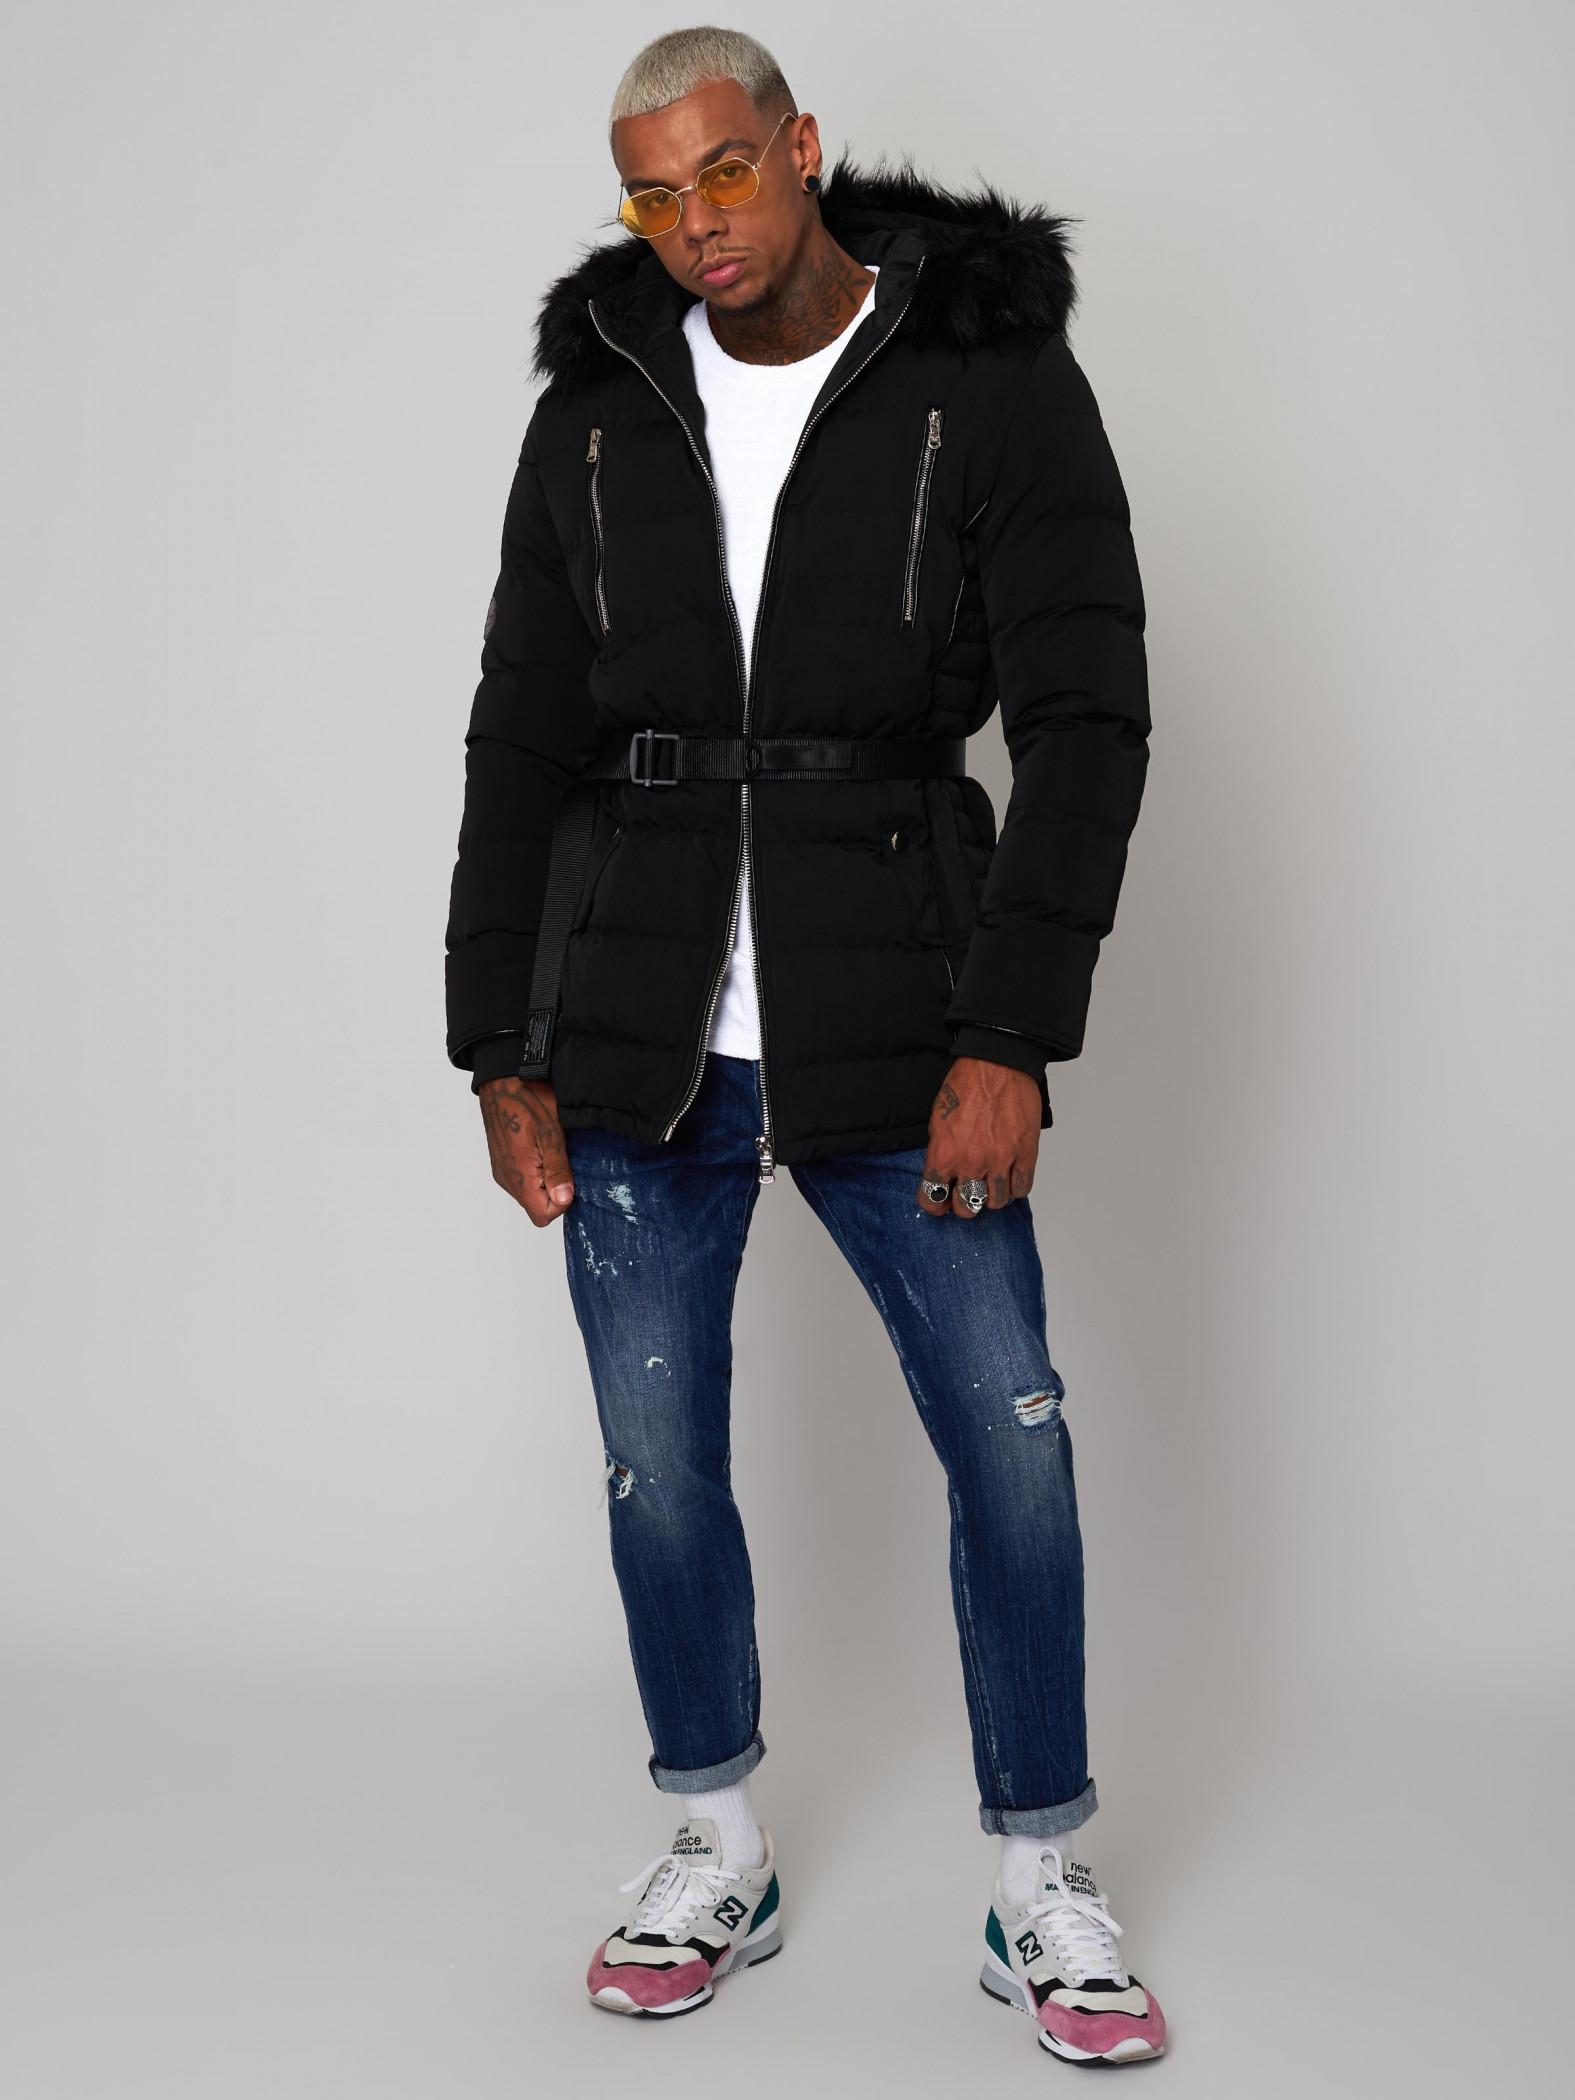 manteau capuche fourrure homme project x paris. Black Bedroom Furniture Sets. Home Design Ideas